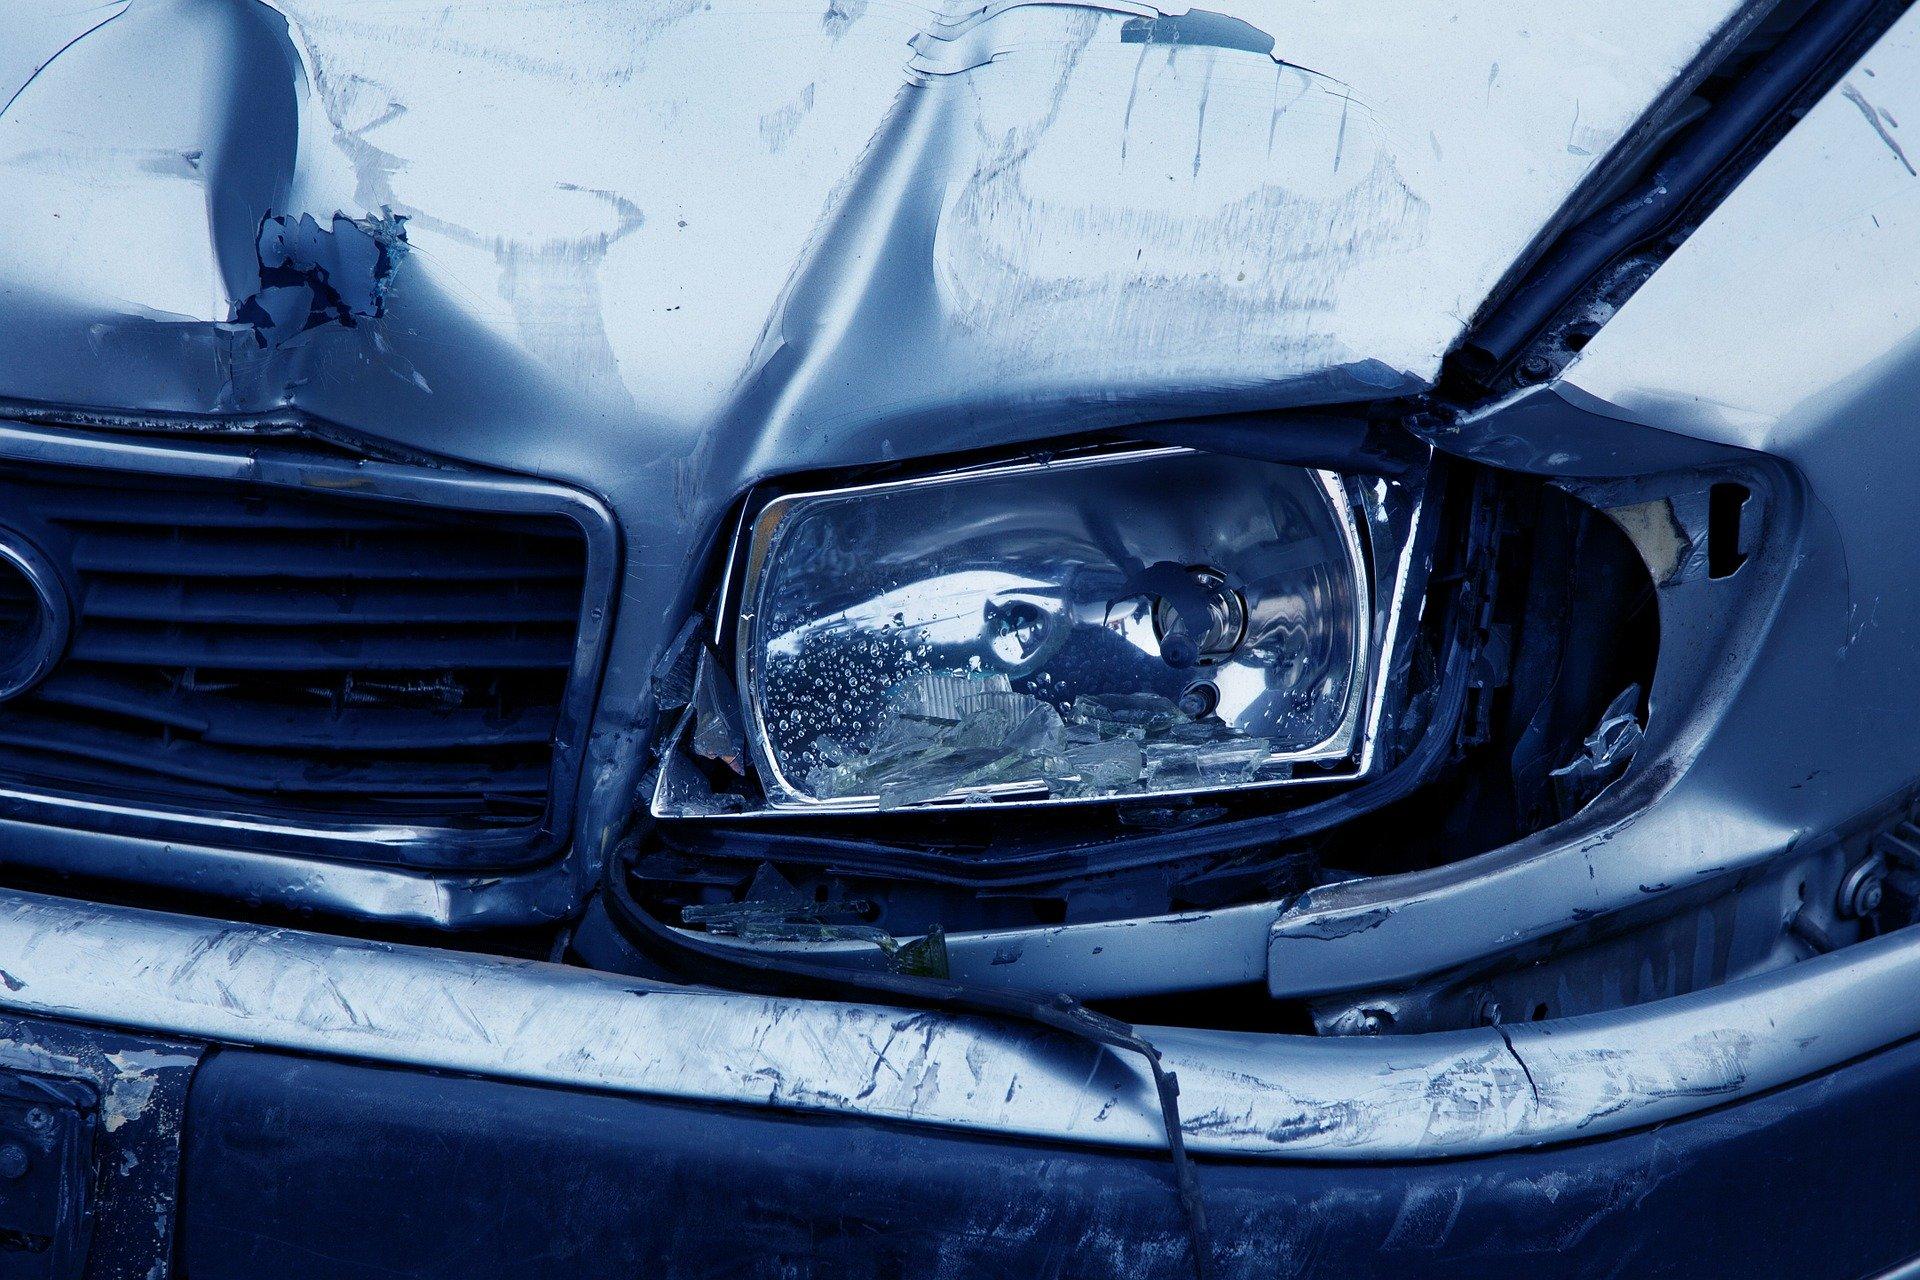 Image d'illustration accident de route